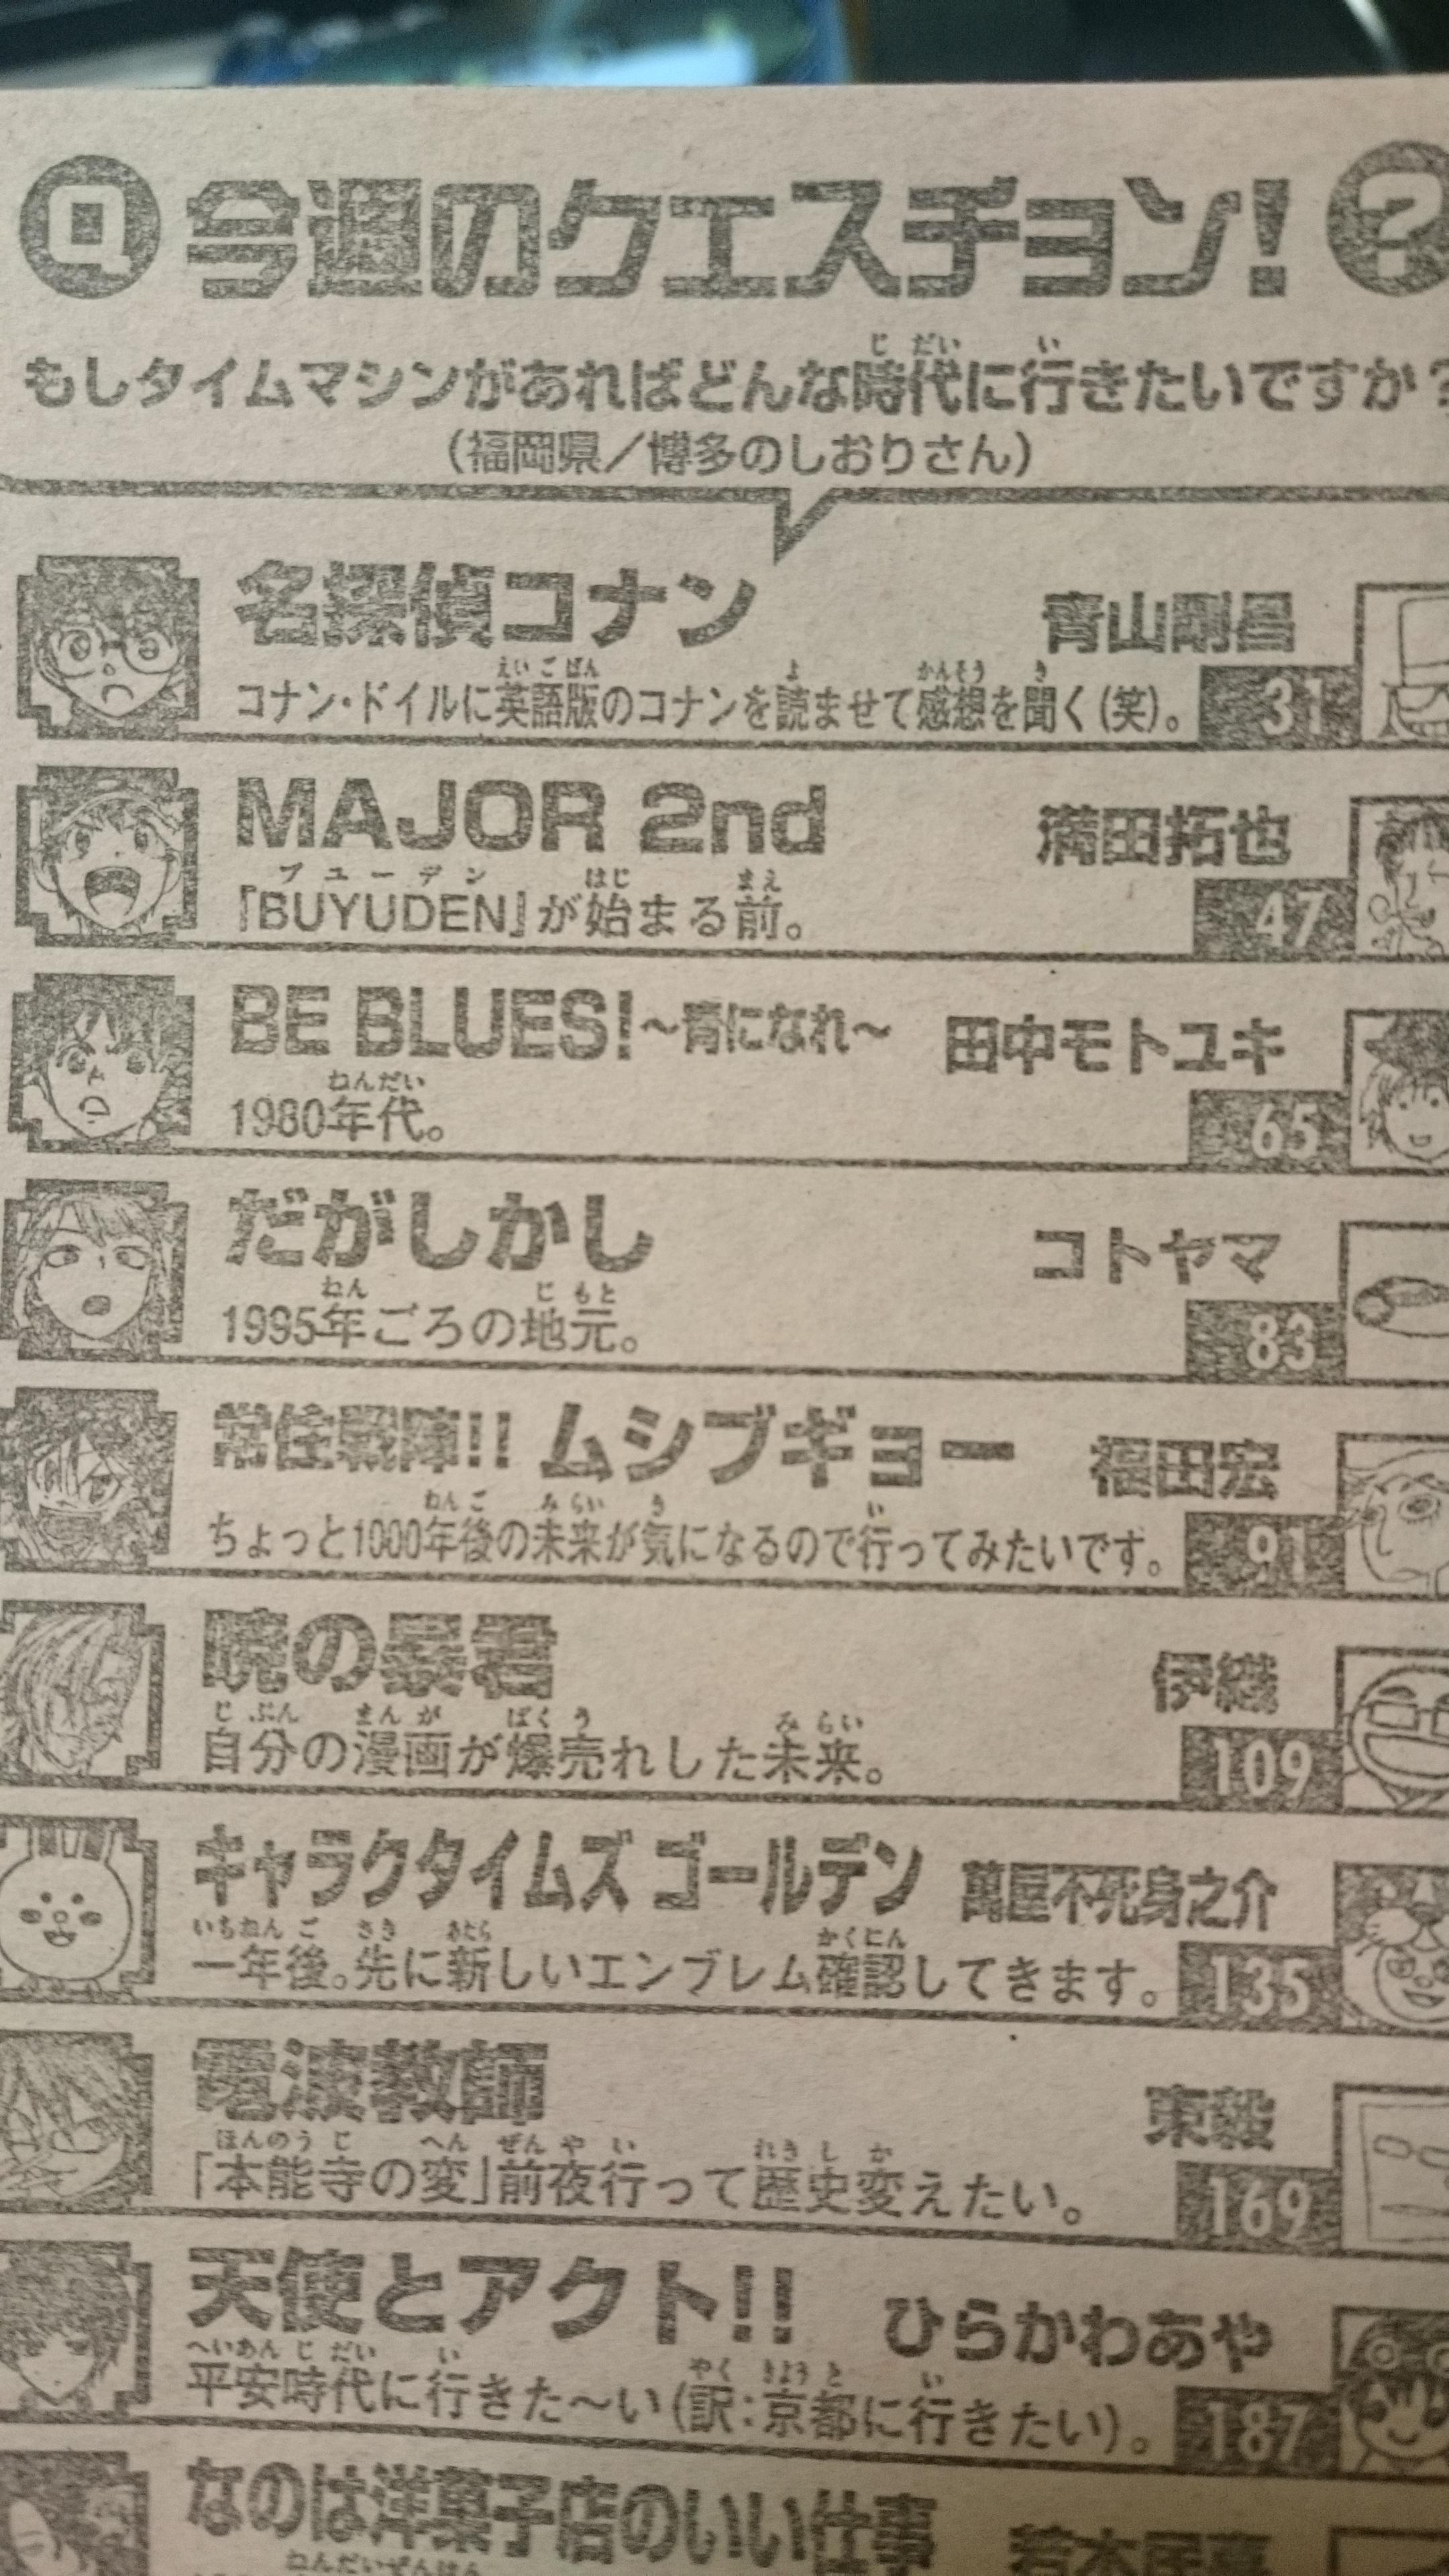 『MAJOR』の満田が描いてたボクシング漫画ってどれくらいひどいんや【BUYUDEN】